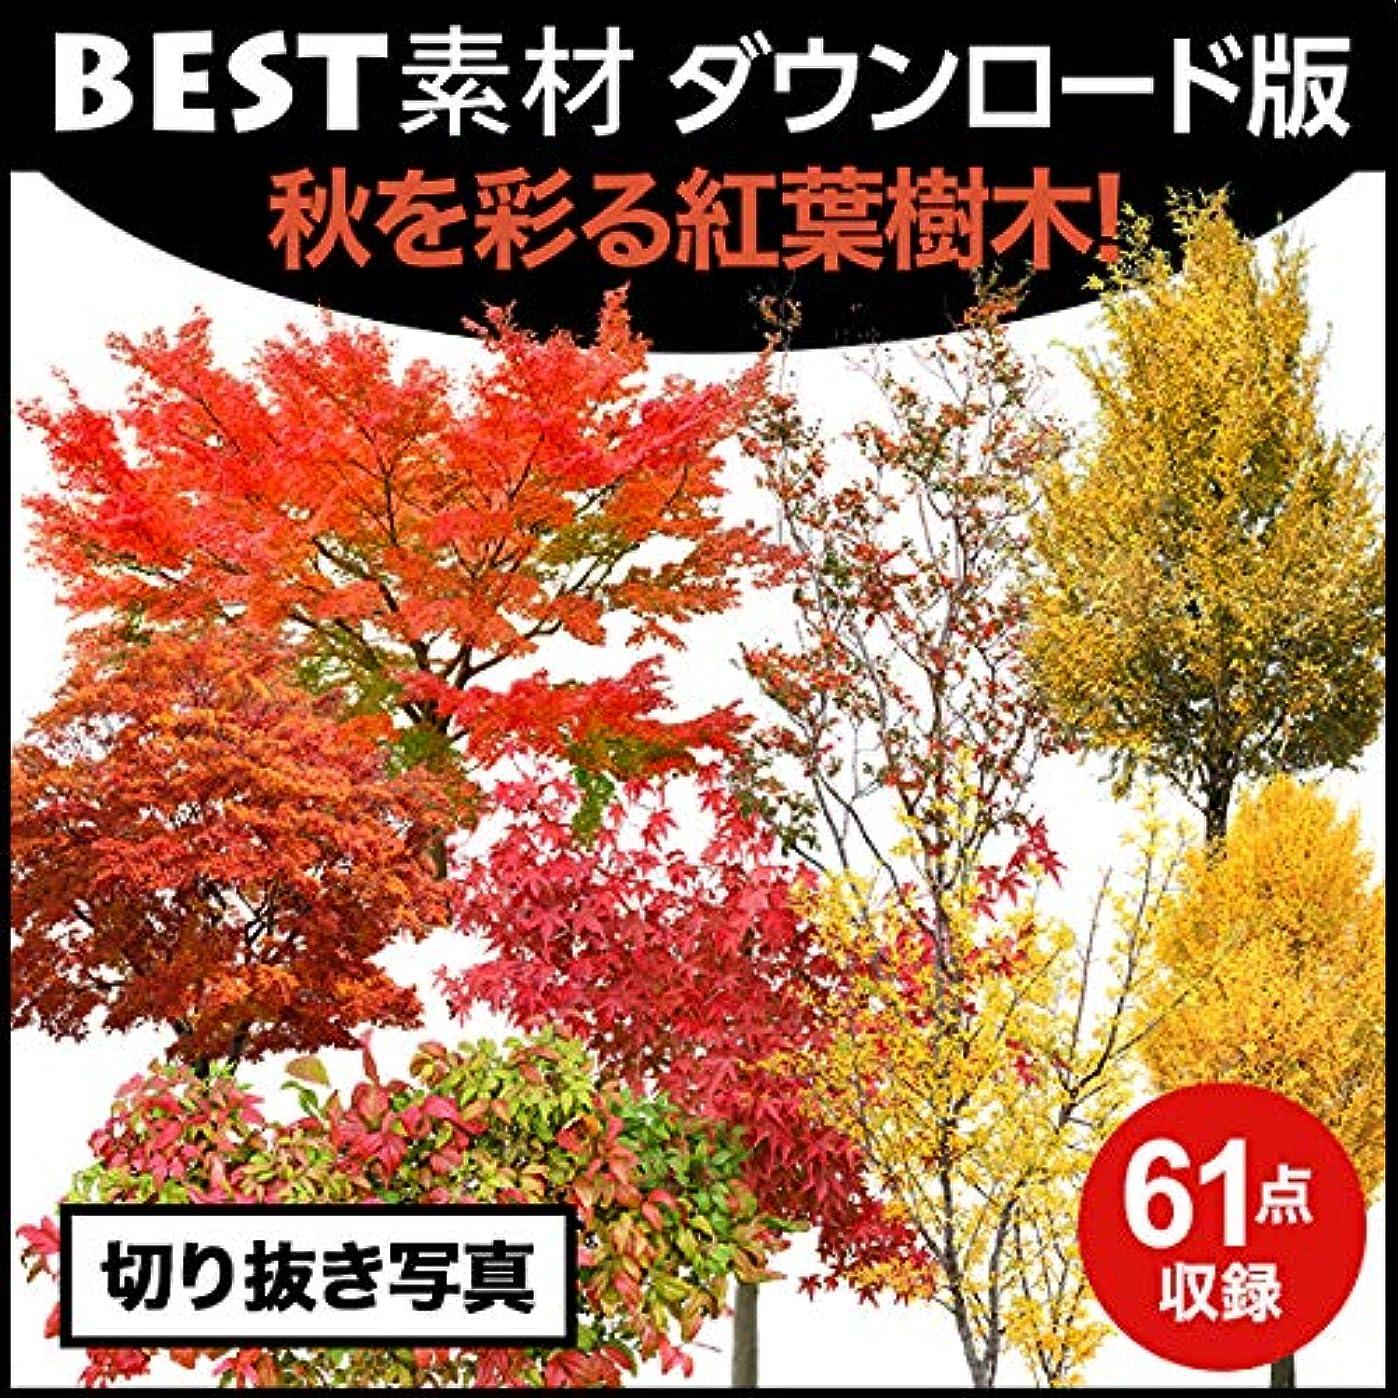 細断胸専門知識【BEST素材】秋を彩る紅葉樹木 ダウンロード版